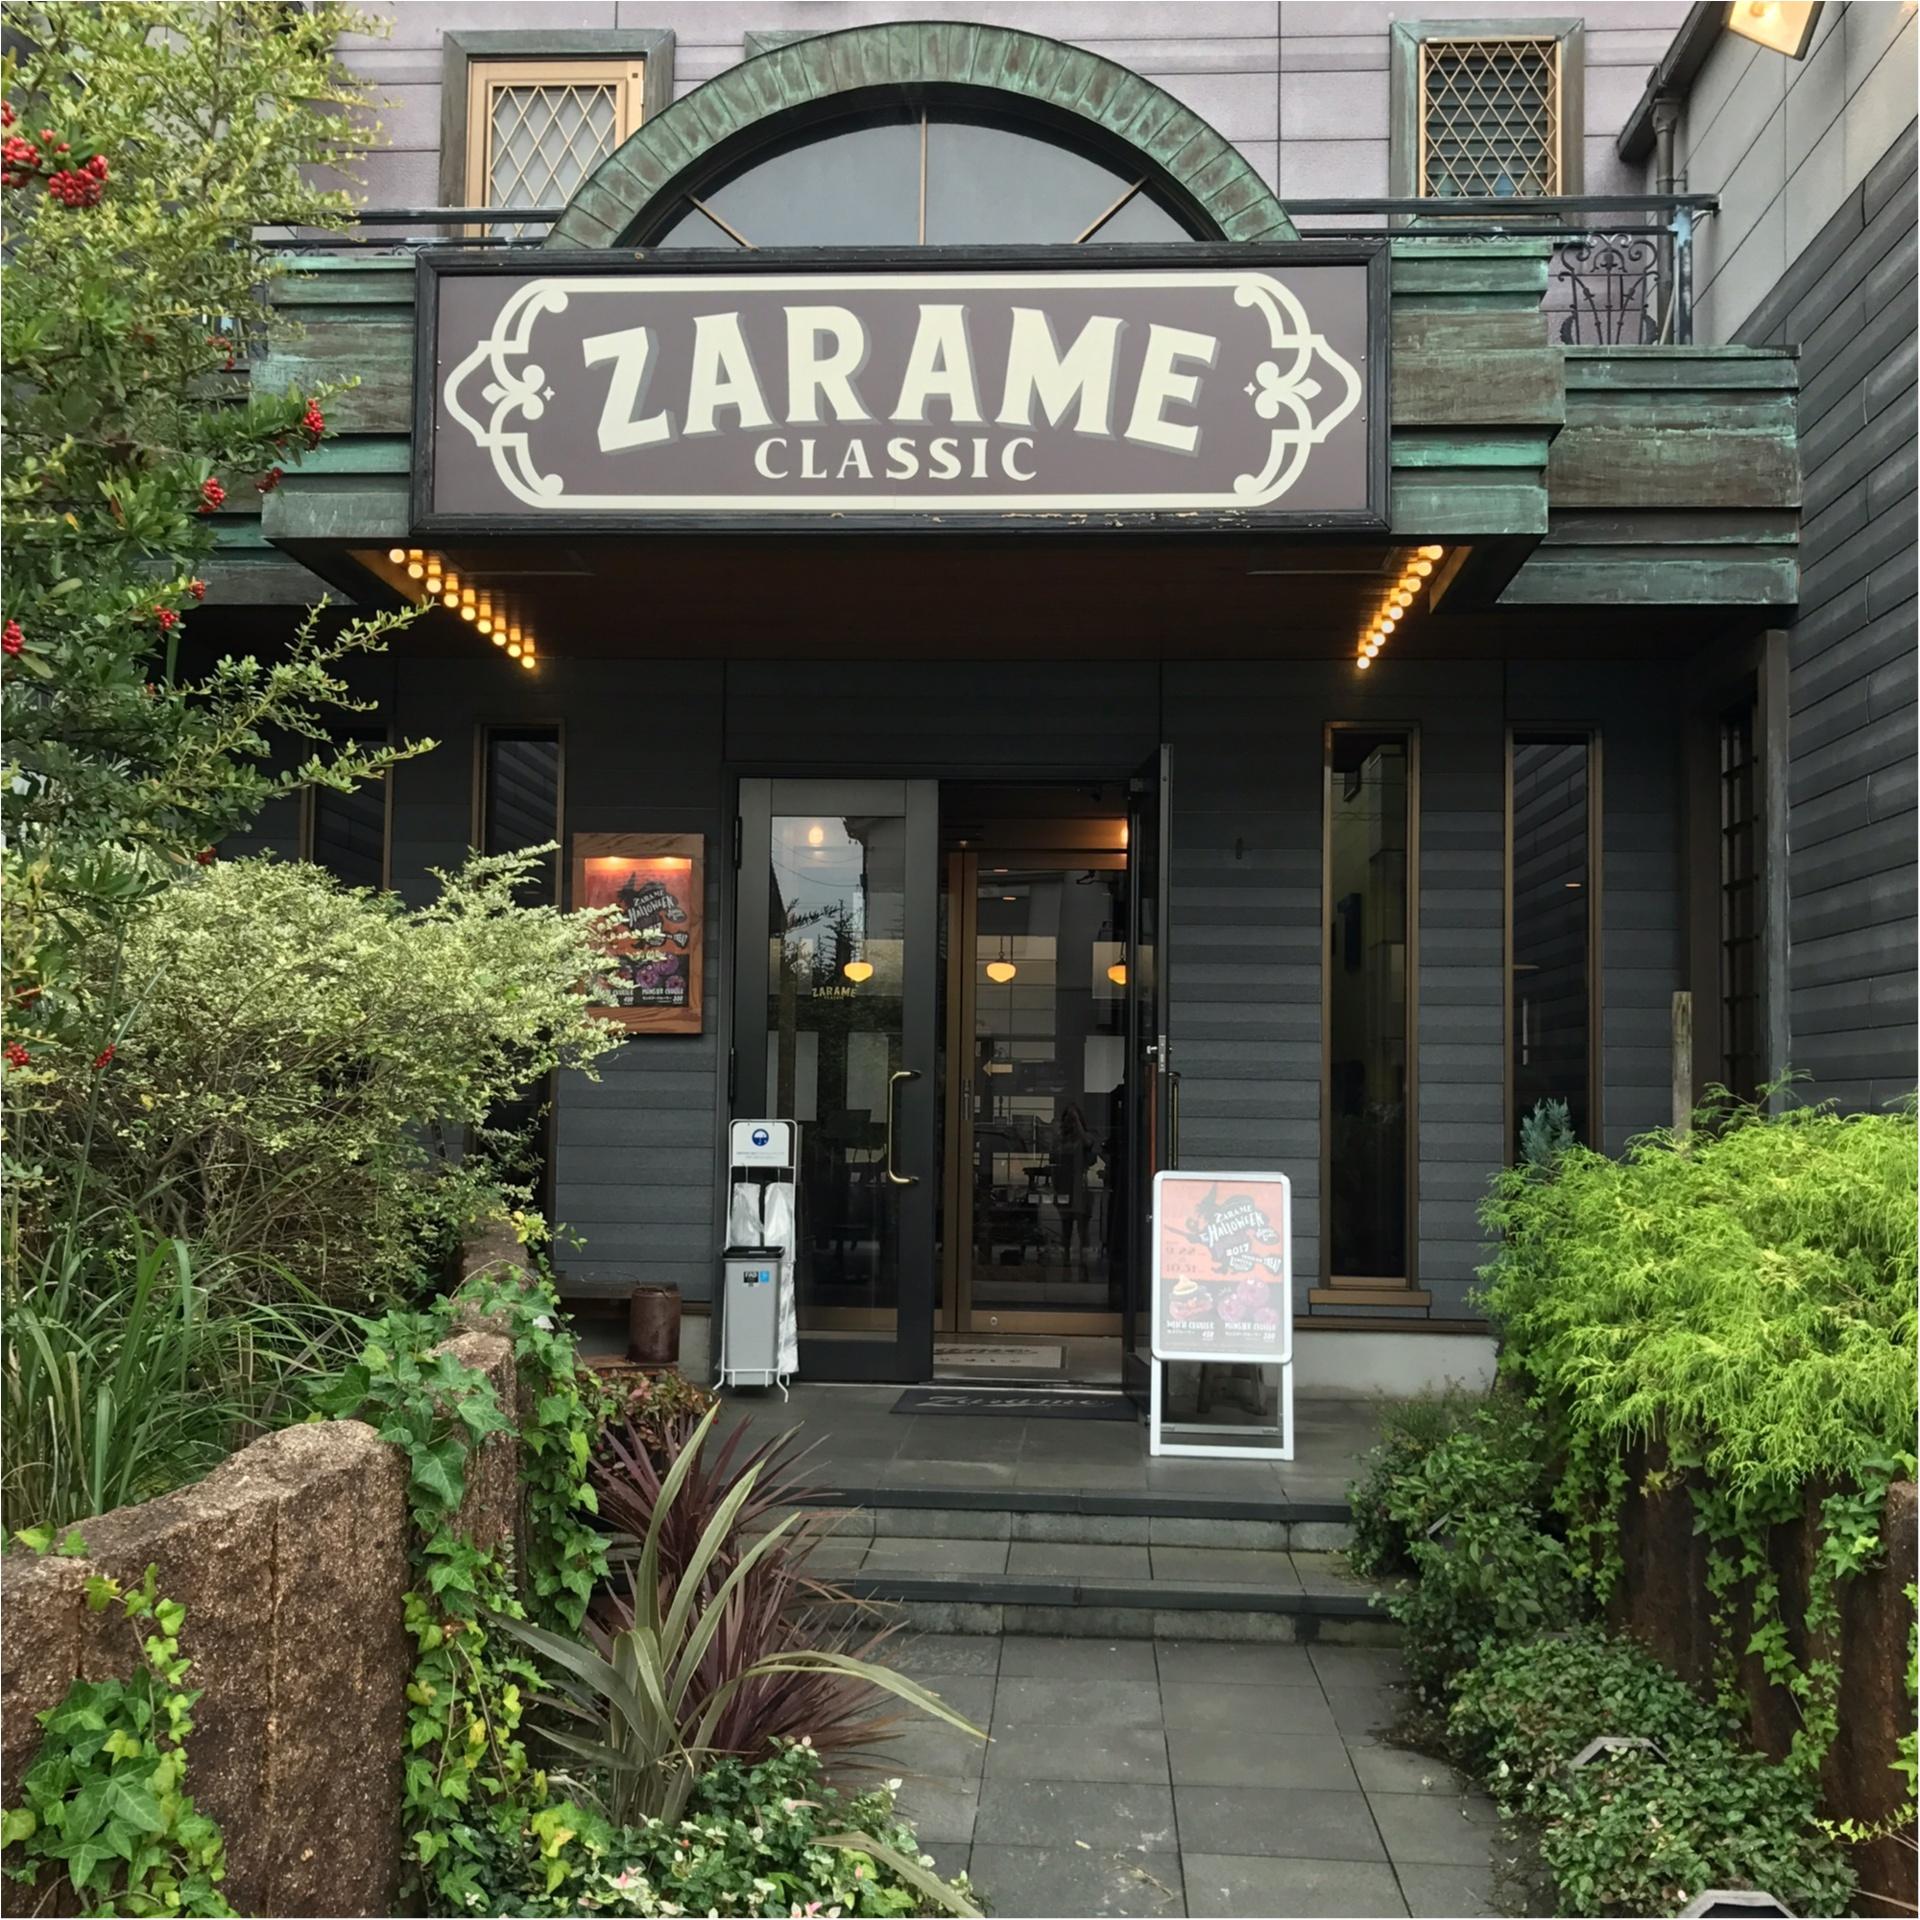 ★いつものドーナツがハロウィン仕様♡人気ドーナツ店『ZARAME』の限定ドーナツが可愛いすぎる★_2